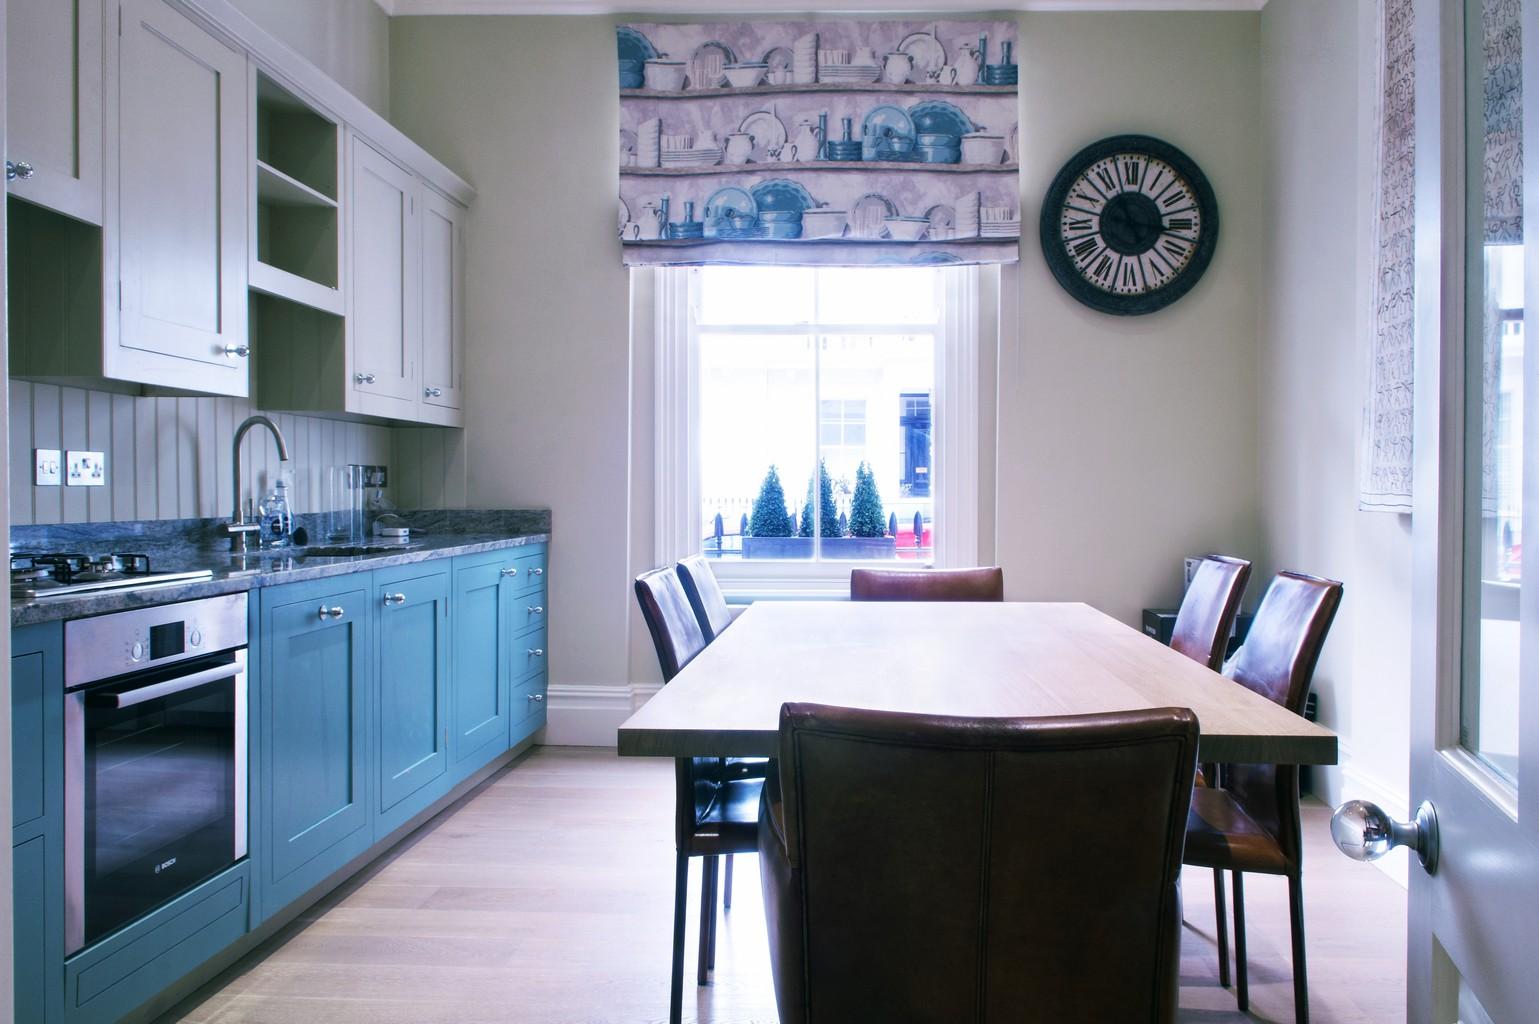 luxury wood flooring in kitchen diner